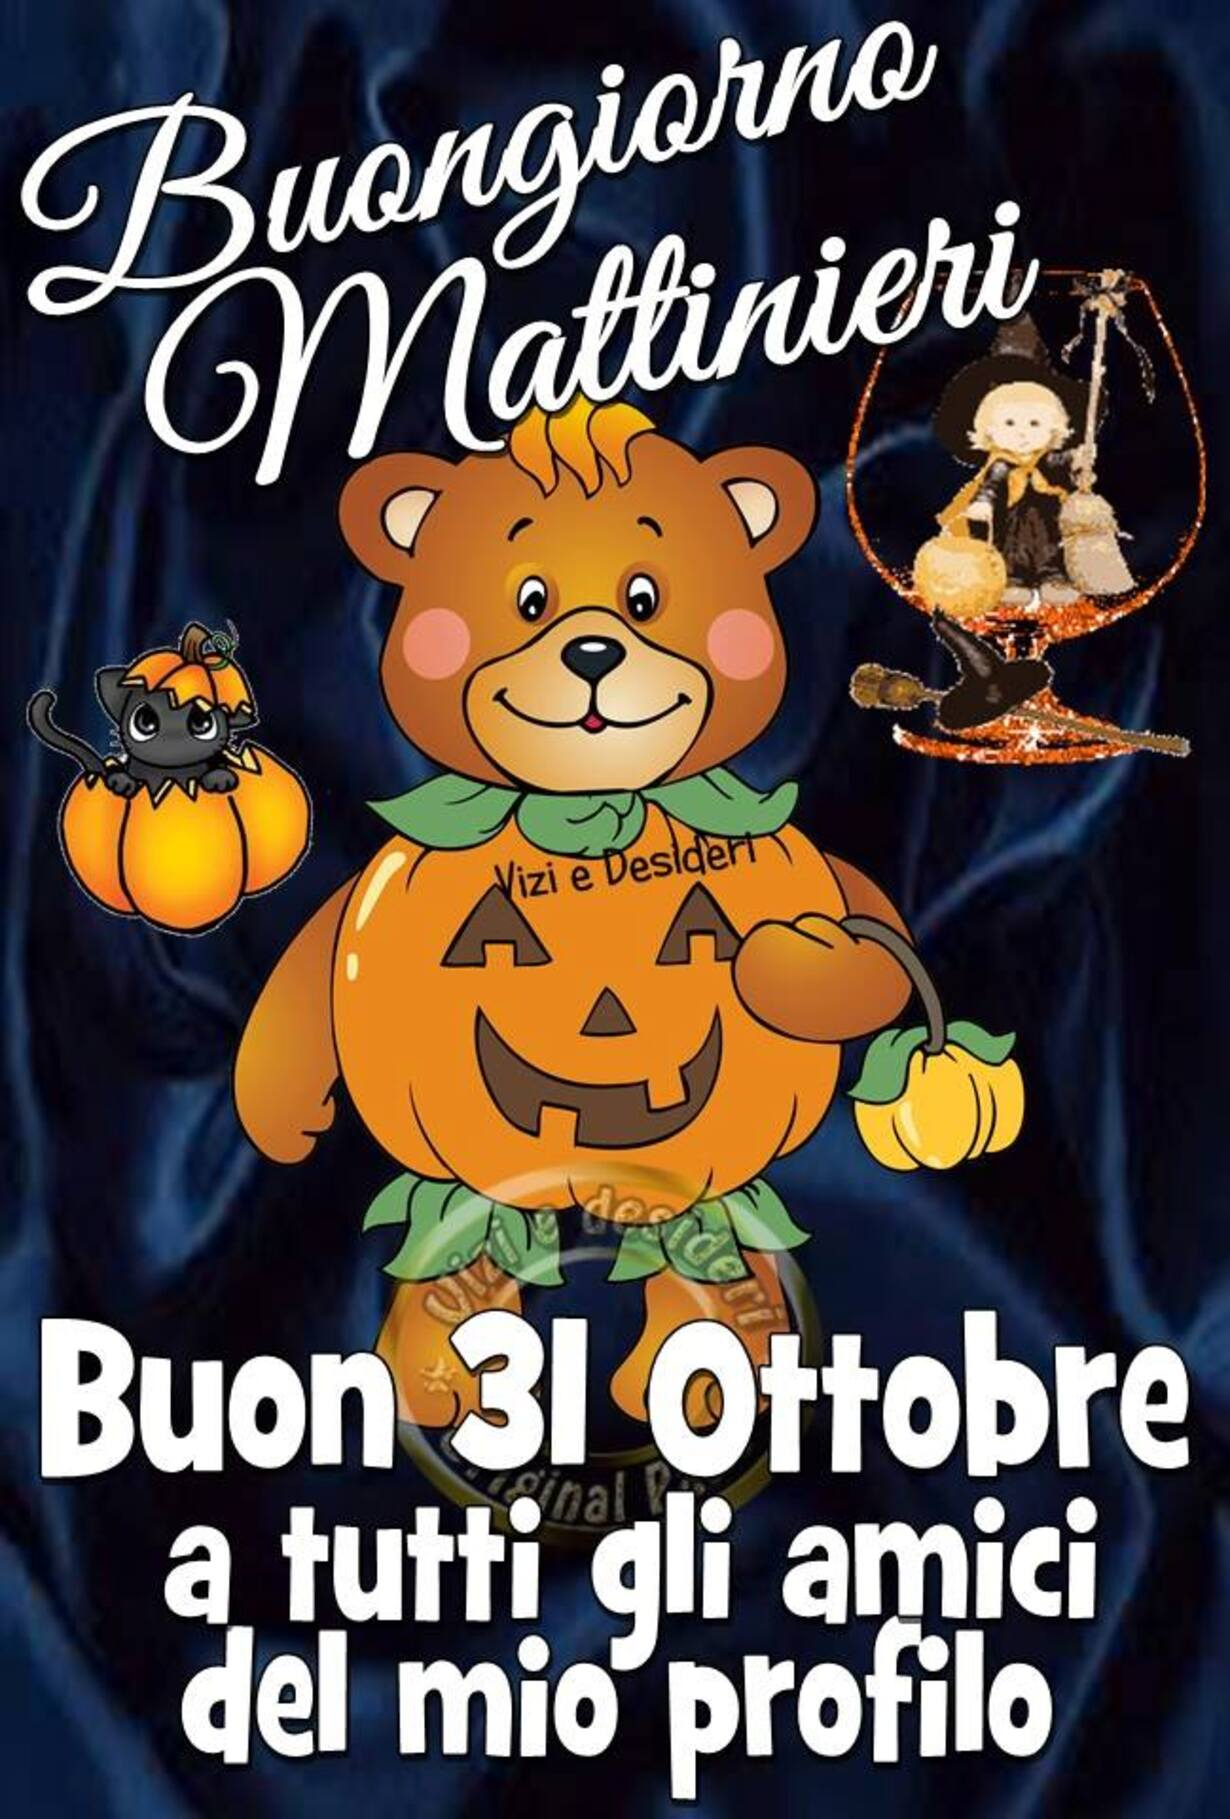 44 Immagini E Frasi Per Augurare Buon Halloween